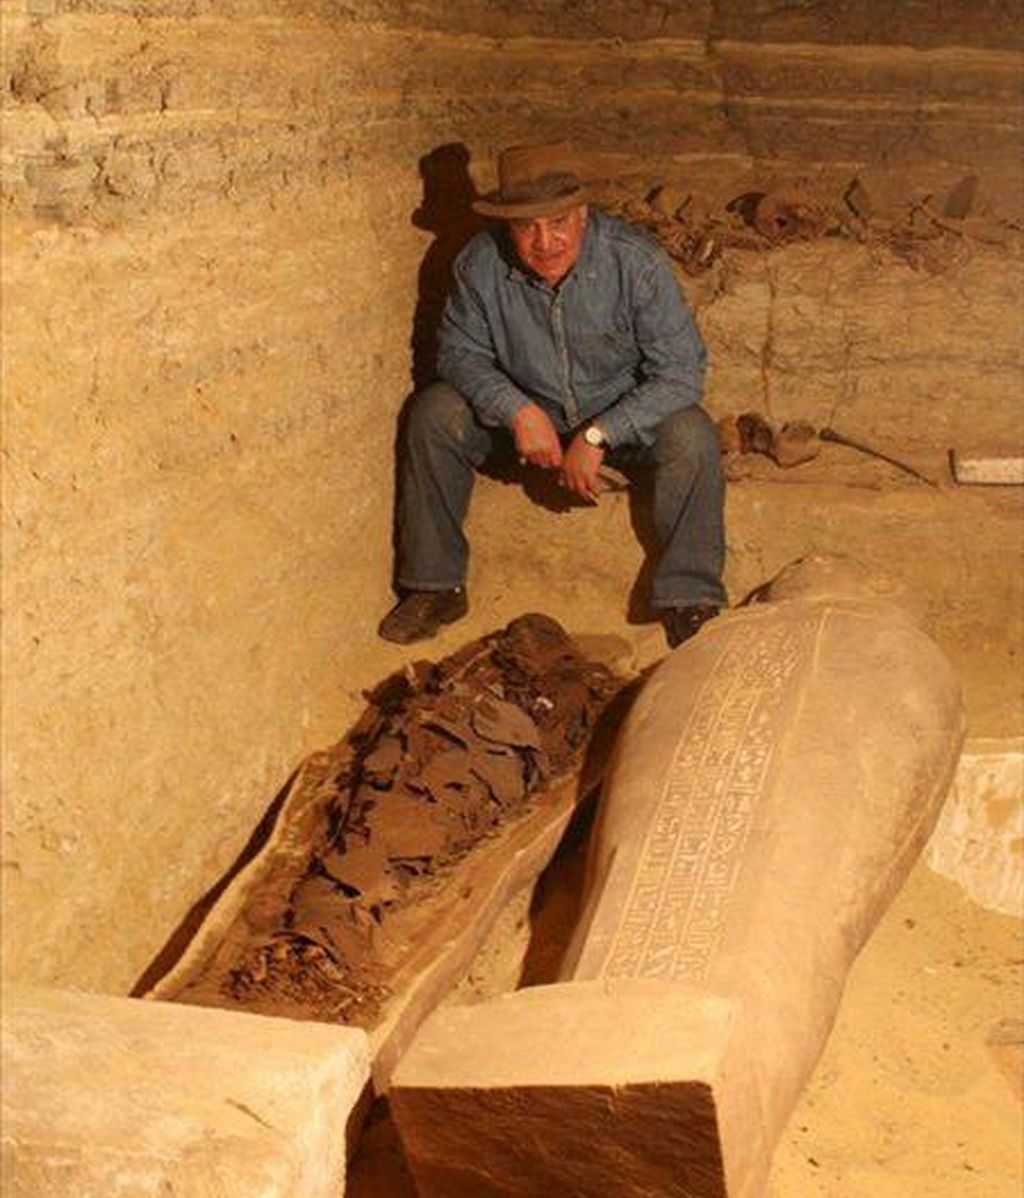 Fotografía sin fecha facilitada hoy, lunes 9 de febrero, por el Consejo Supremo de Antigüedades de Egipto que muestra al secretario general del citado Consejo, Zahi Hawass, posando junto a uno de los treinta sarcófagos descubiertos recientemente en la necrópolis faraónica de Saqara, a unos 20 kilómetros al suroeste de El Cairo, Egipto. EFE